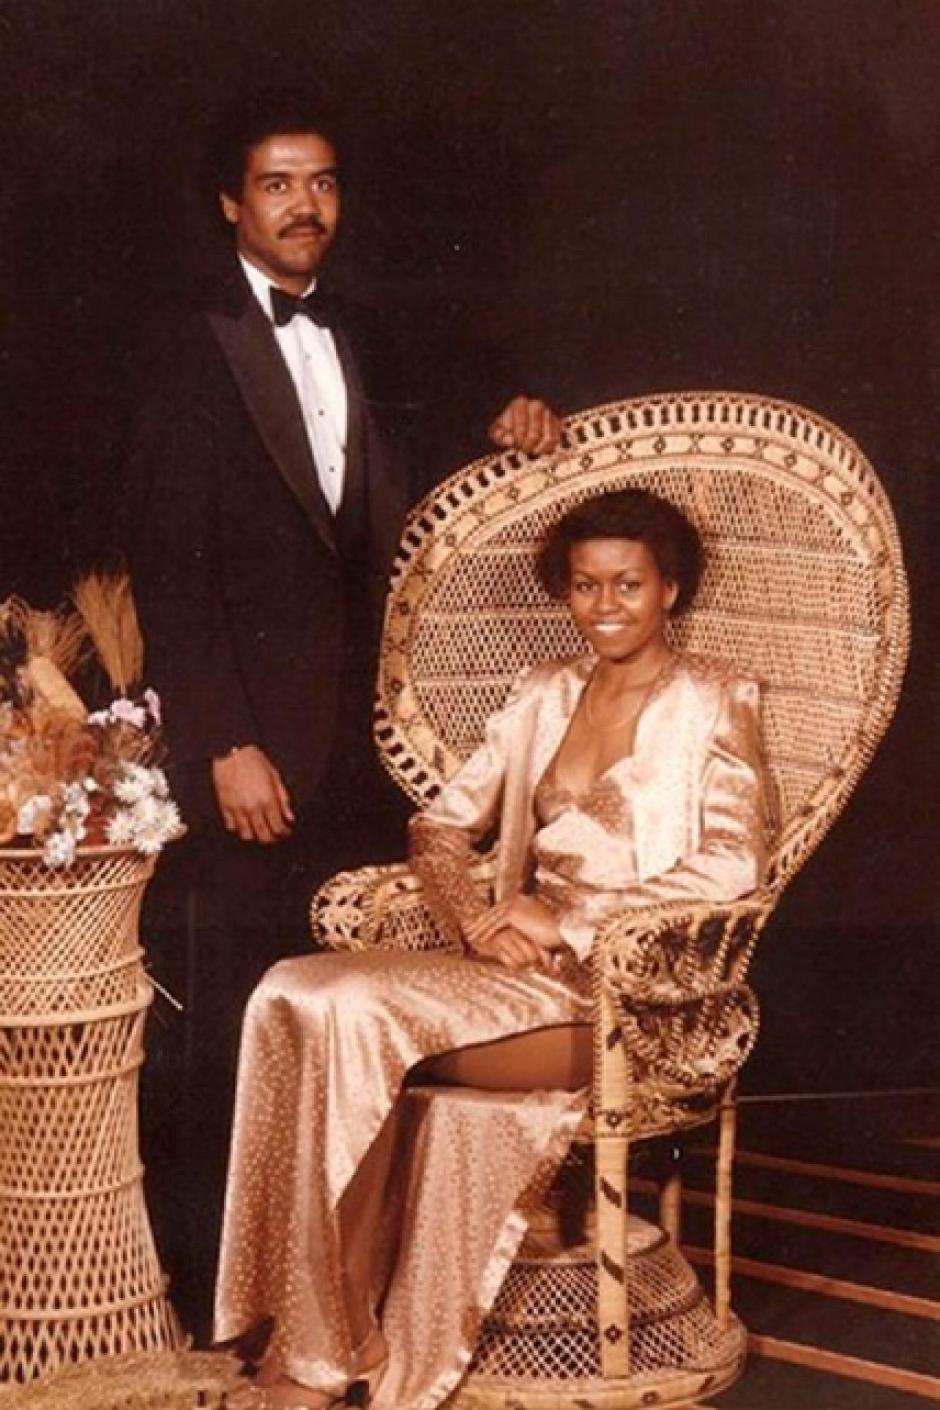 Michelle Obama se observa con el pelo corto y un vestido que permite ver una de sus piernas. (Foto: El País)